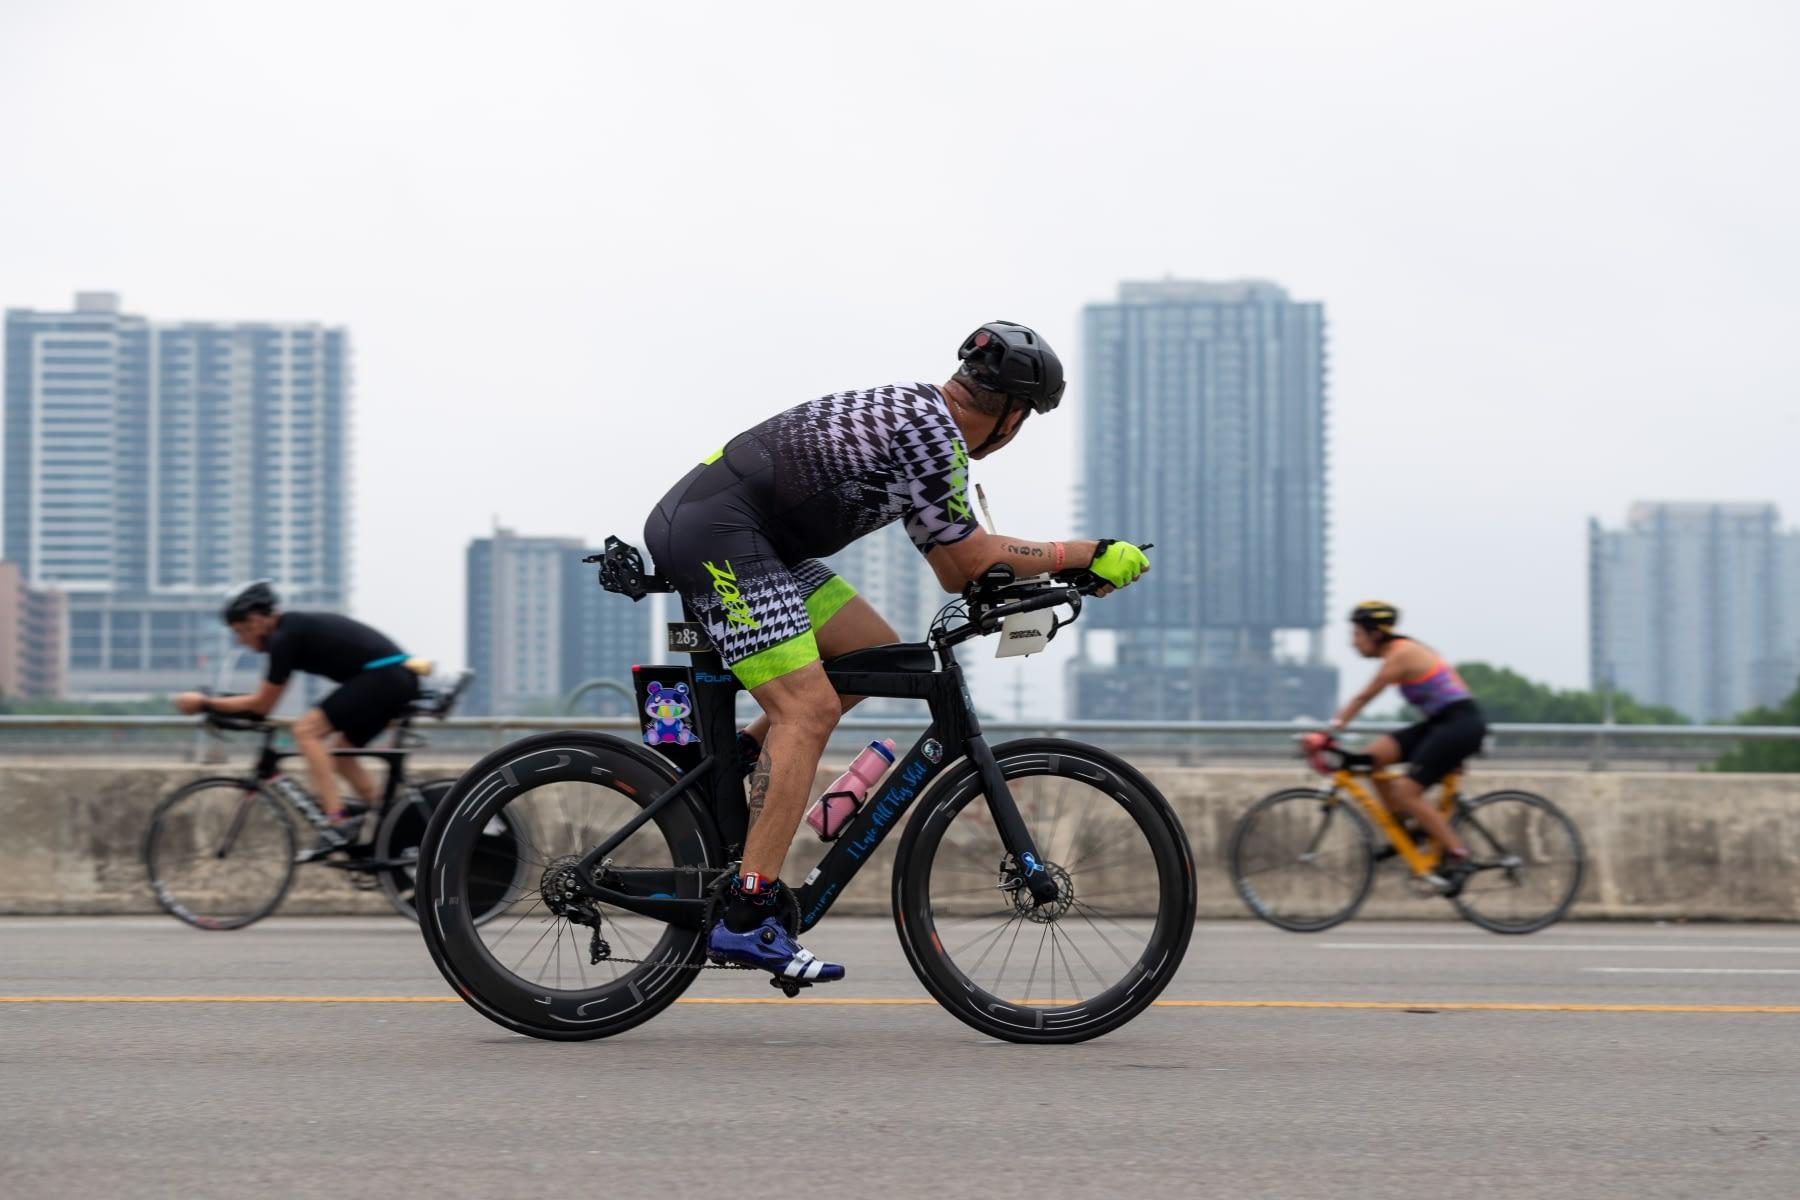 Bike-Pic-CapTex-ScottFlathouse